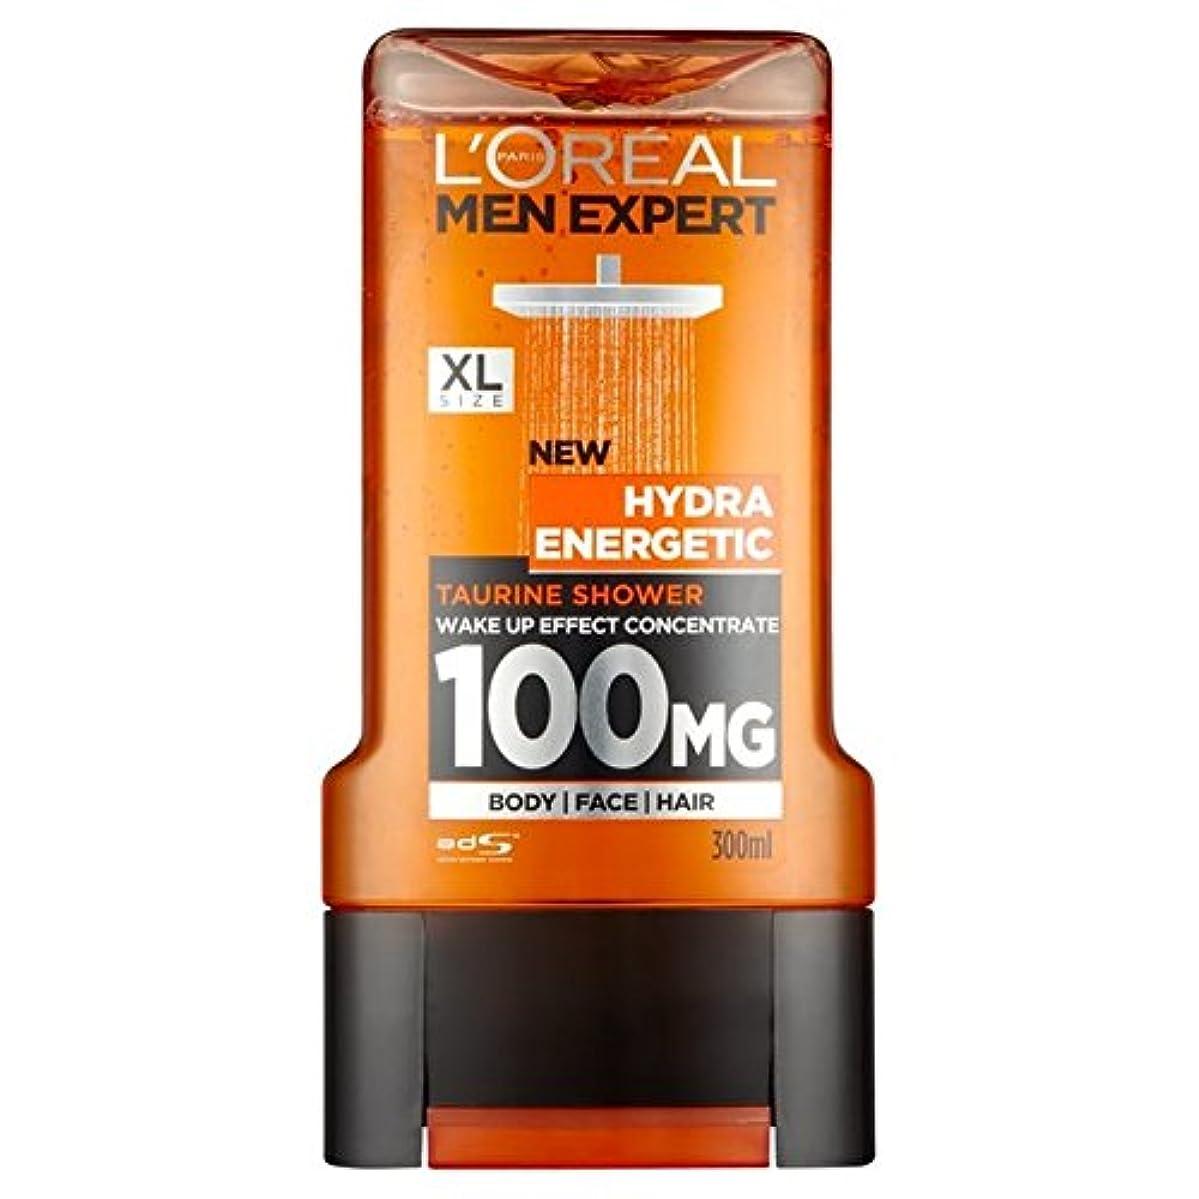 再生威信最愛のロレアルパリのメンズ専門家ヒドラエネルギッシュなシャワージェル300ミリリットル x2 - L'Oreal Paris Men Expert Hydra Energetic Shower Gel 300ml (Pack of 2) [並行輸入品]